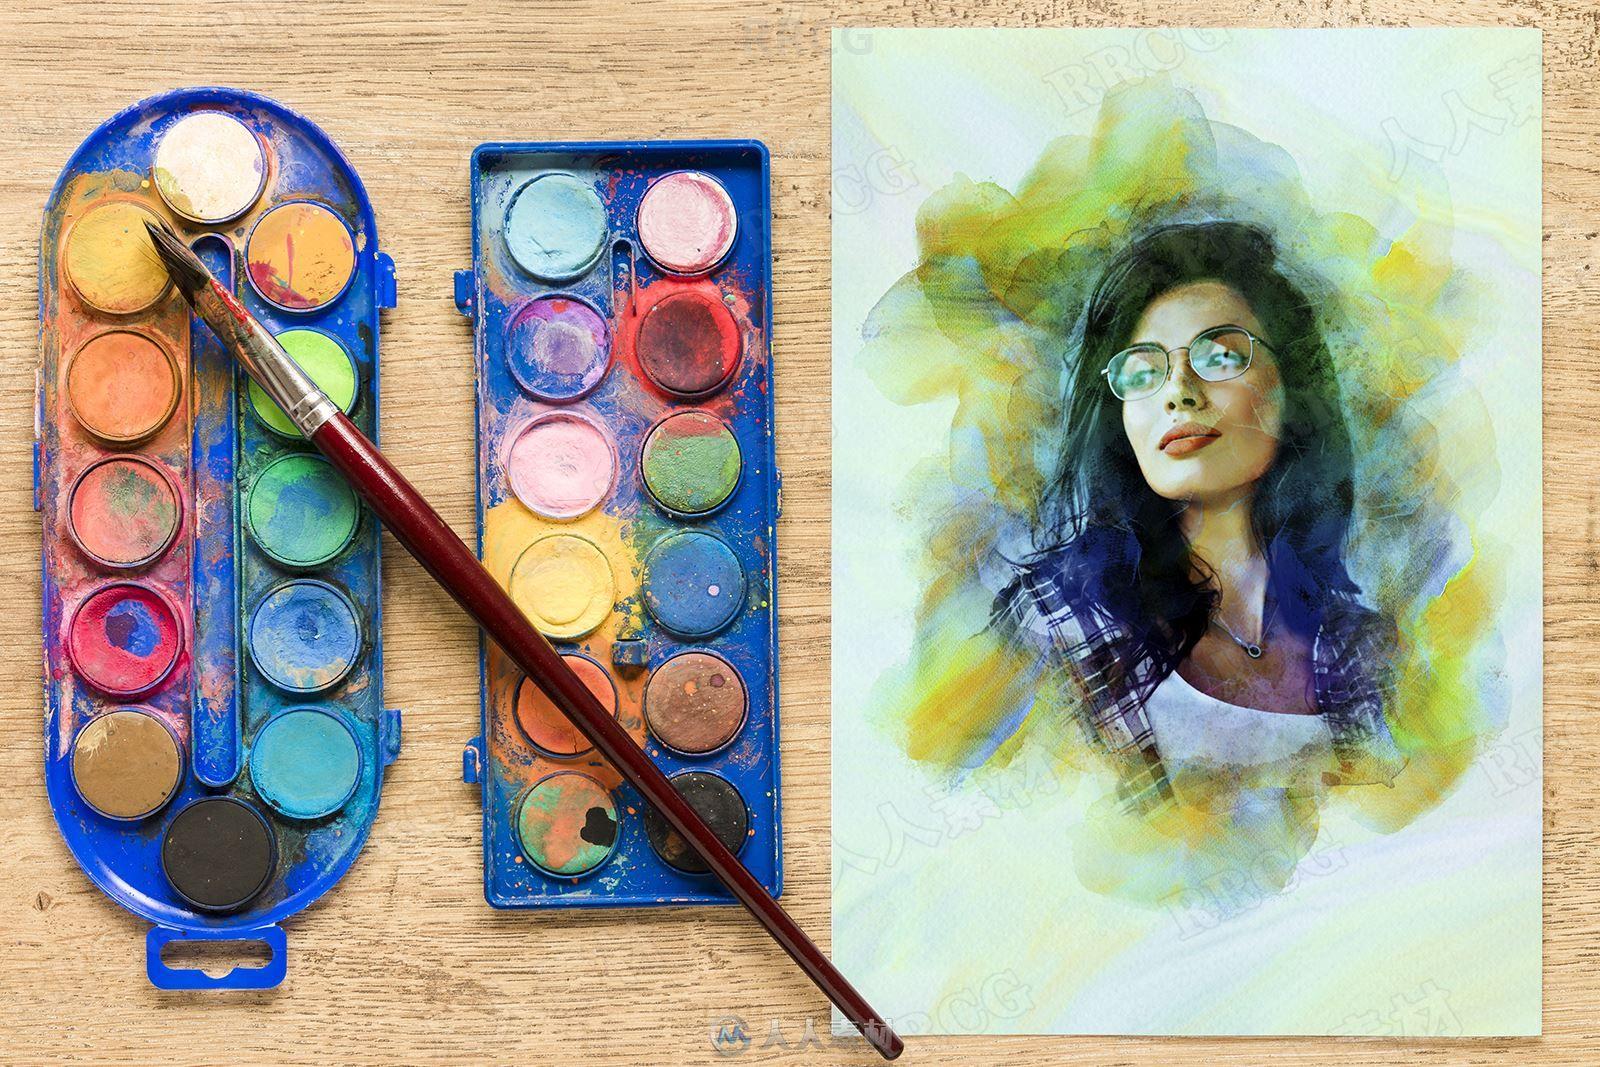 水彩画笔触围绕人像绘画效果艺术图像处理特效PS动作